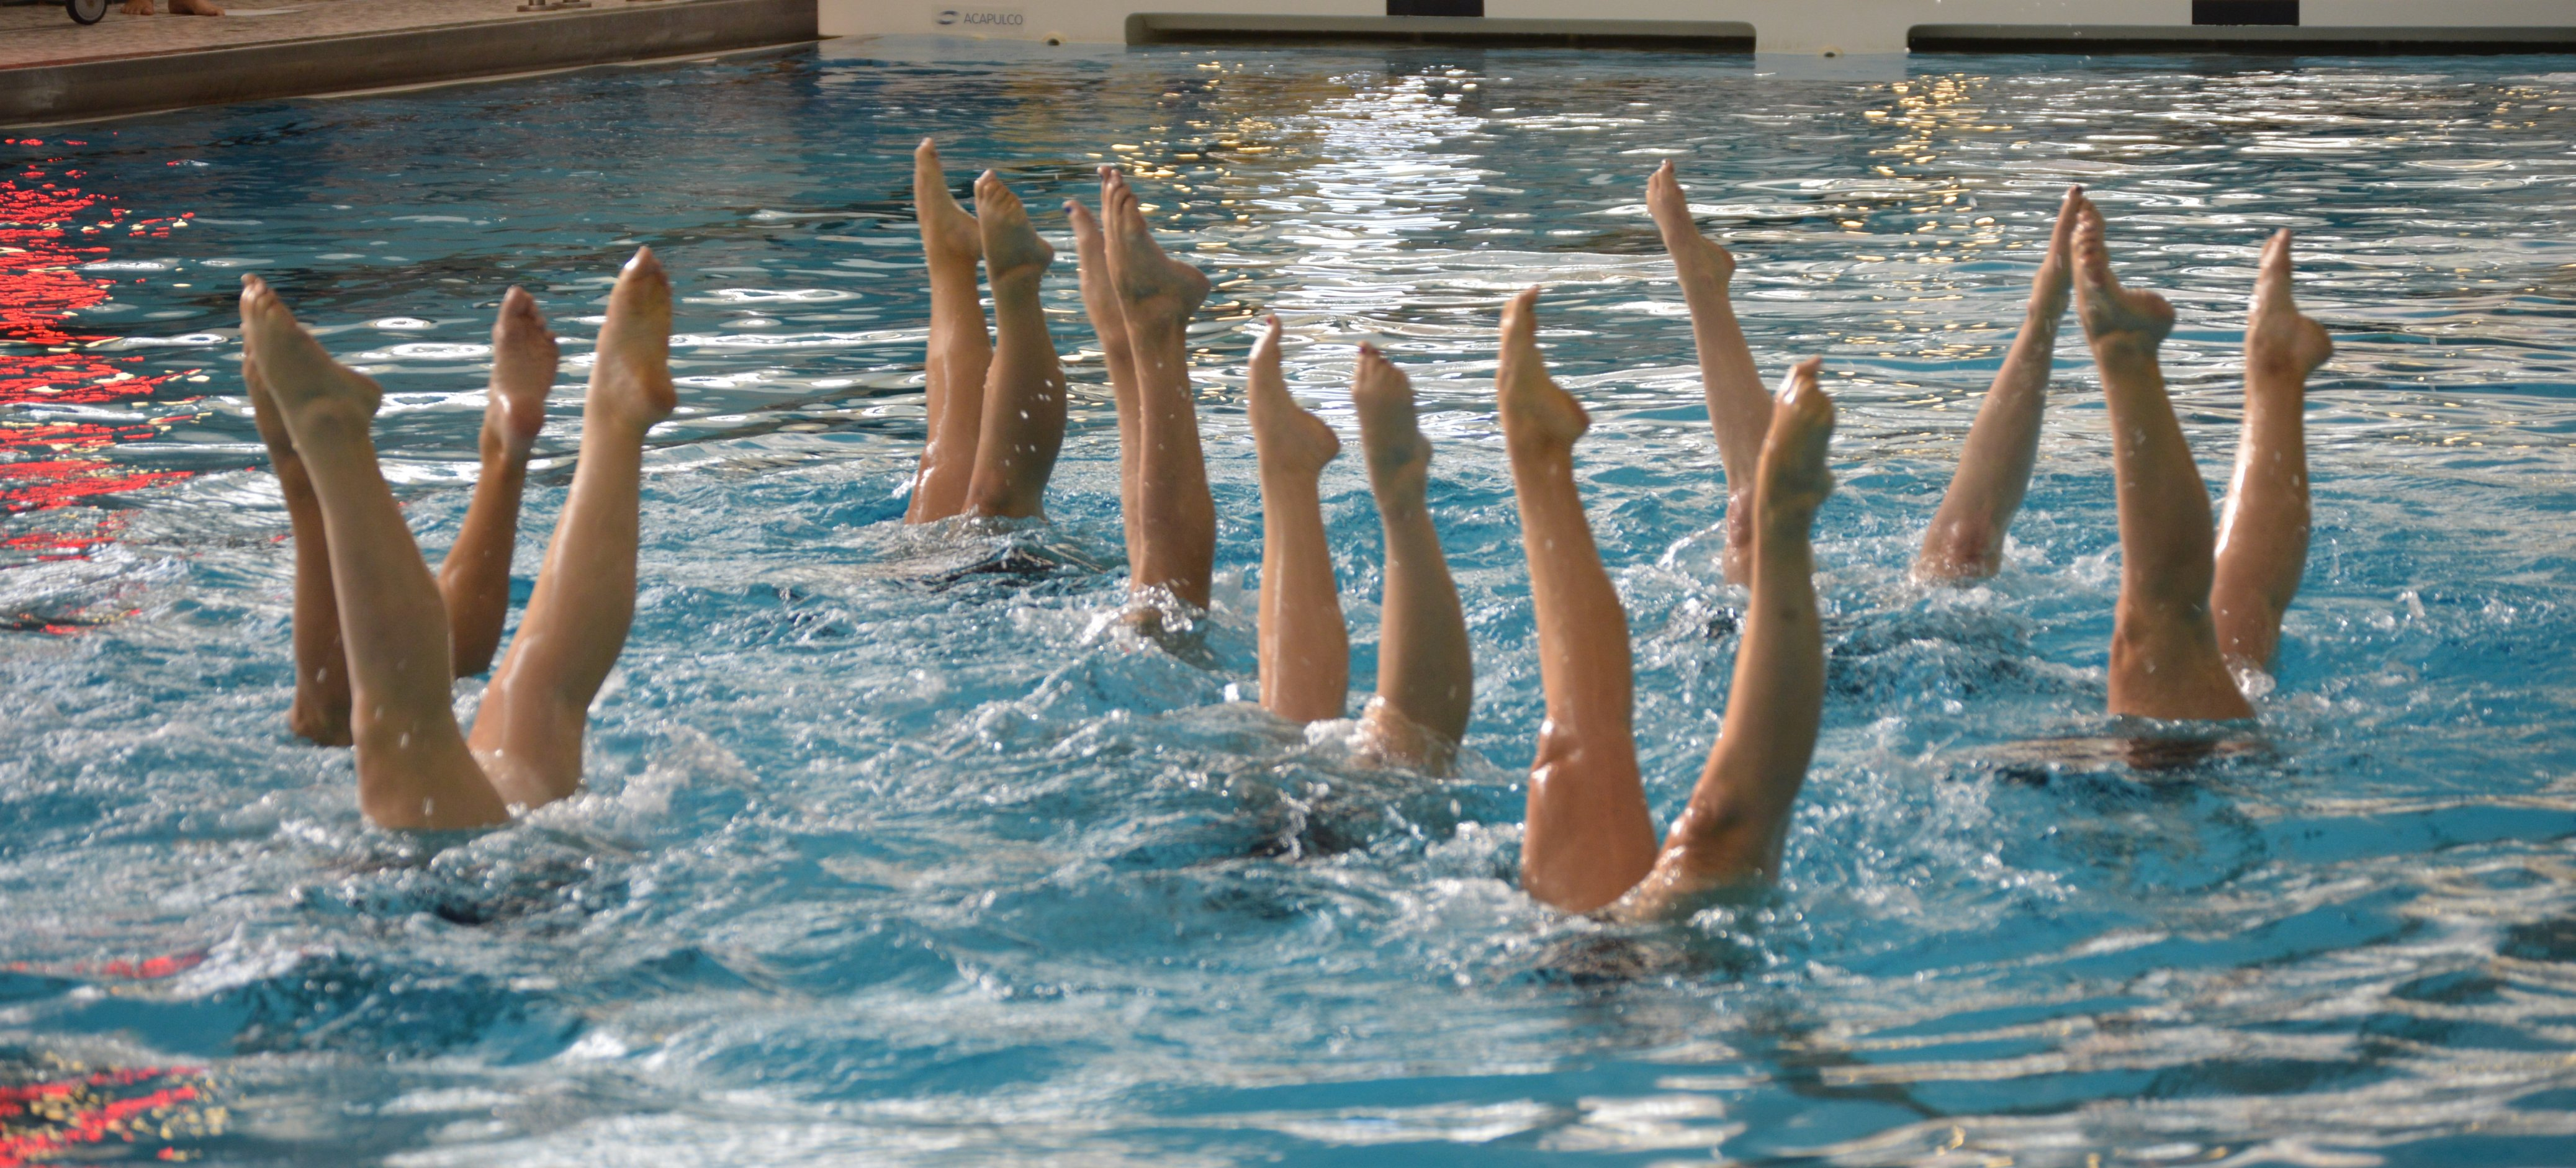 Lutra synchroonzwemmen spreekbeurt-3